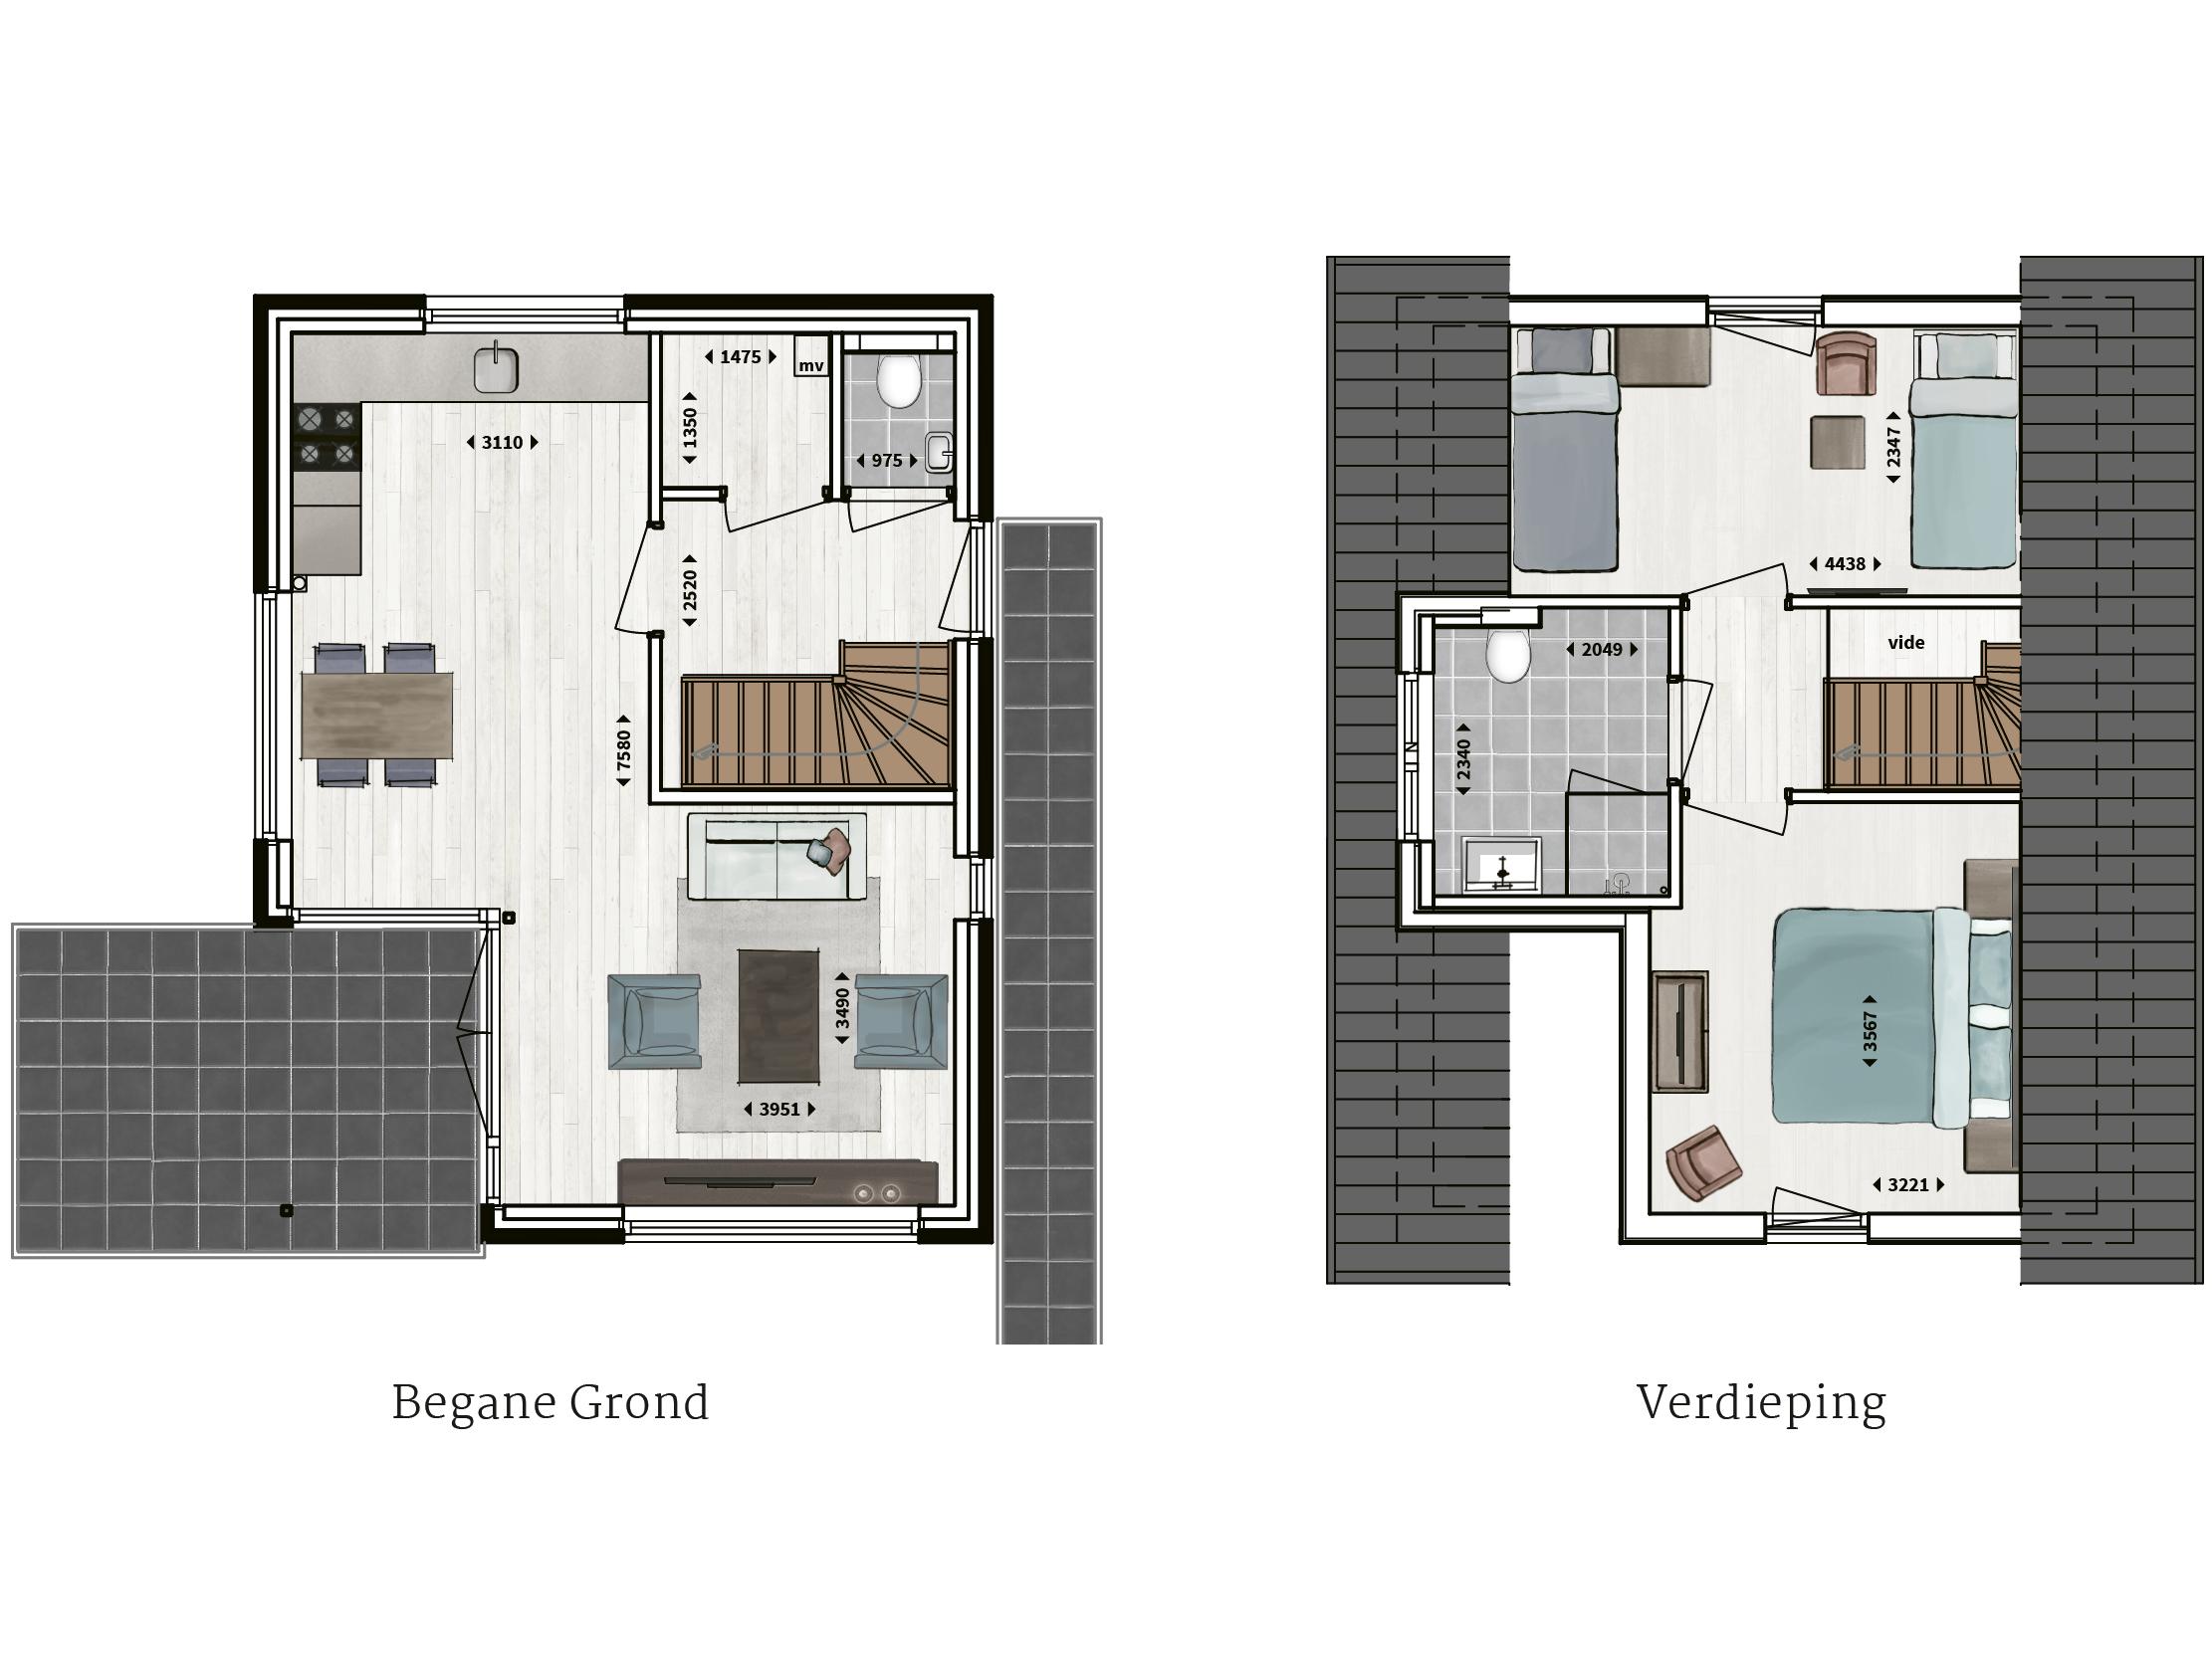 Kenmerken - - Pannengedekt- Gevel van overwegend metselwerk met houtaccenten- Twee ruime slaapkamers- Badkamer met inloopdouche- Compleet ingerichte keuken- Glazen hoekpui- Overdekt terras- Buitenberging